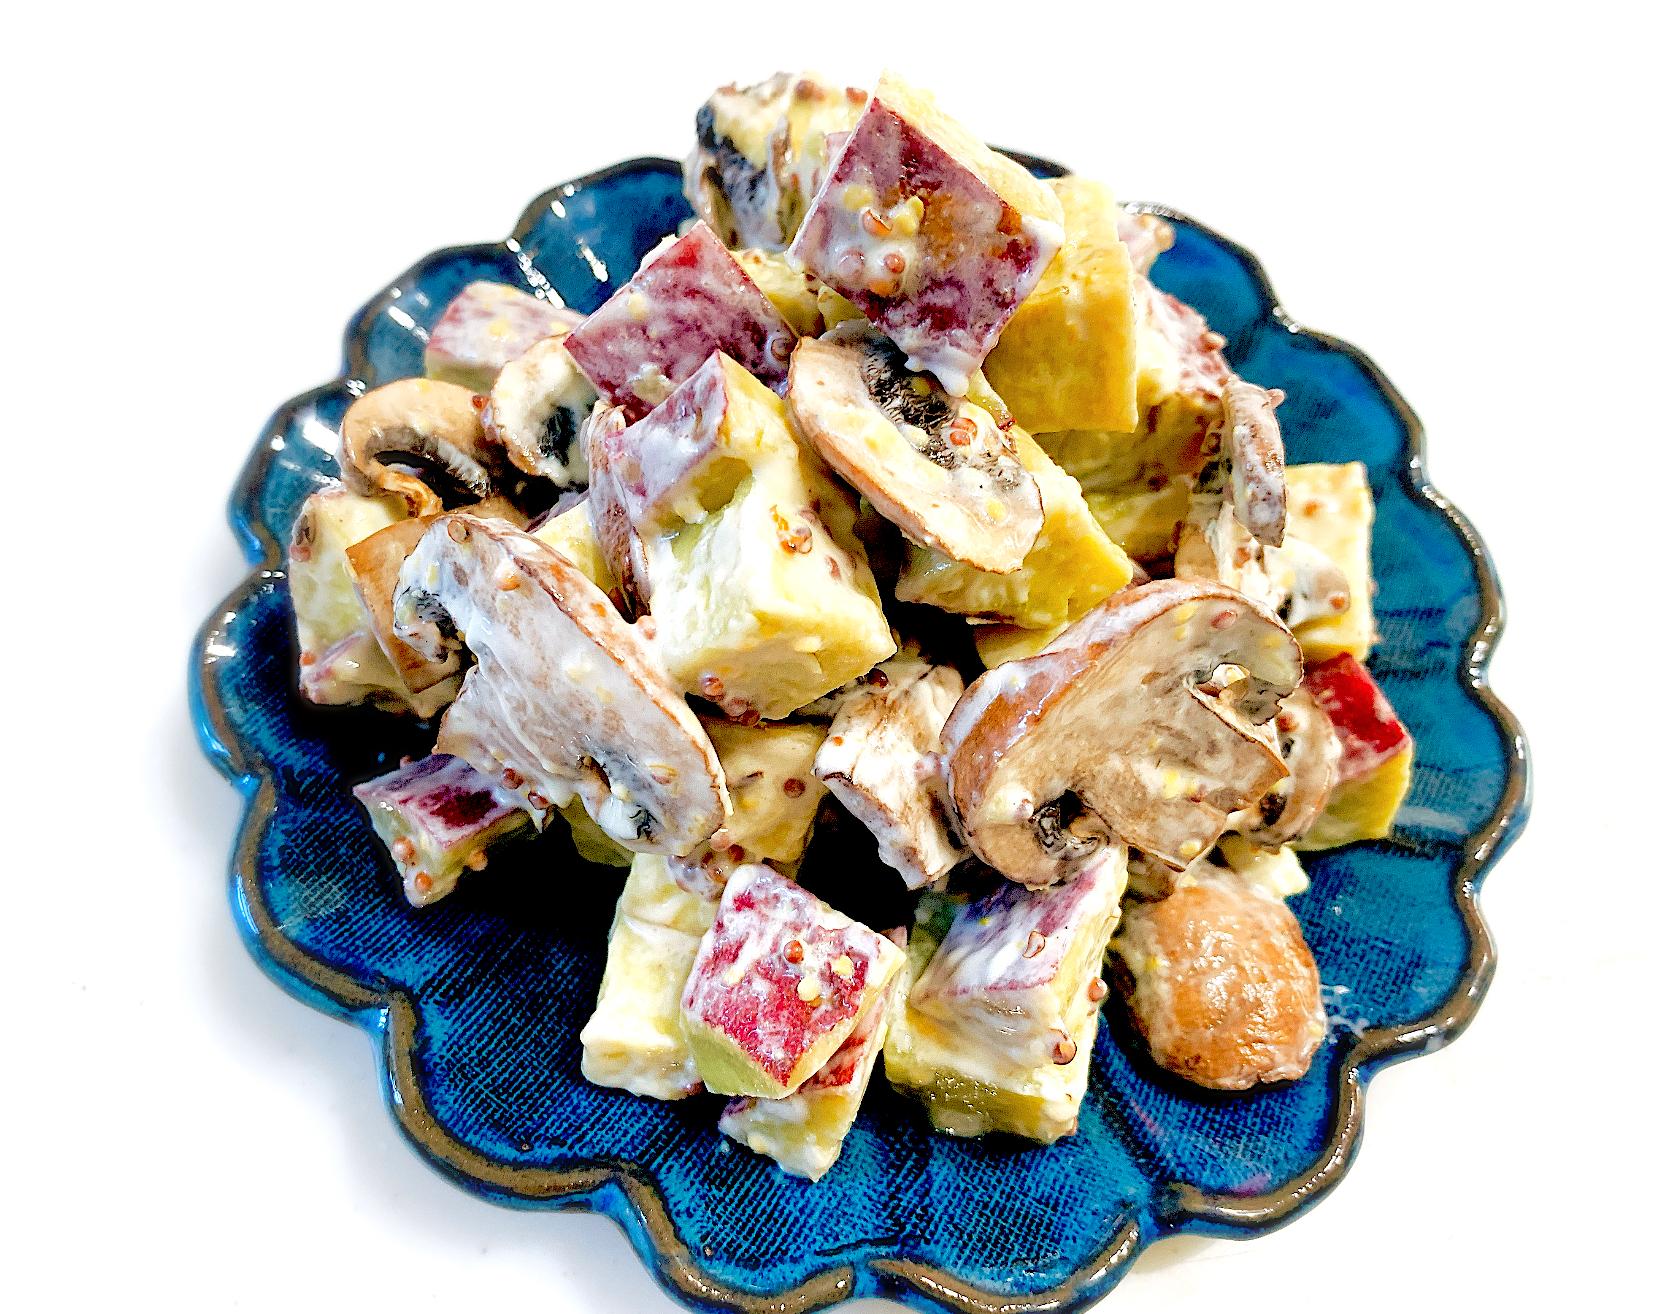 ブラウンマッシュルームとさつま芋のマヨマスタード和え。秋を感じるサラダ🍁